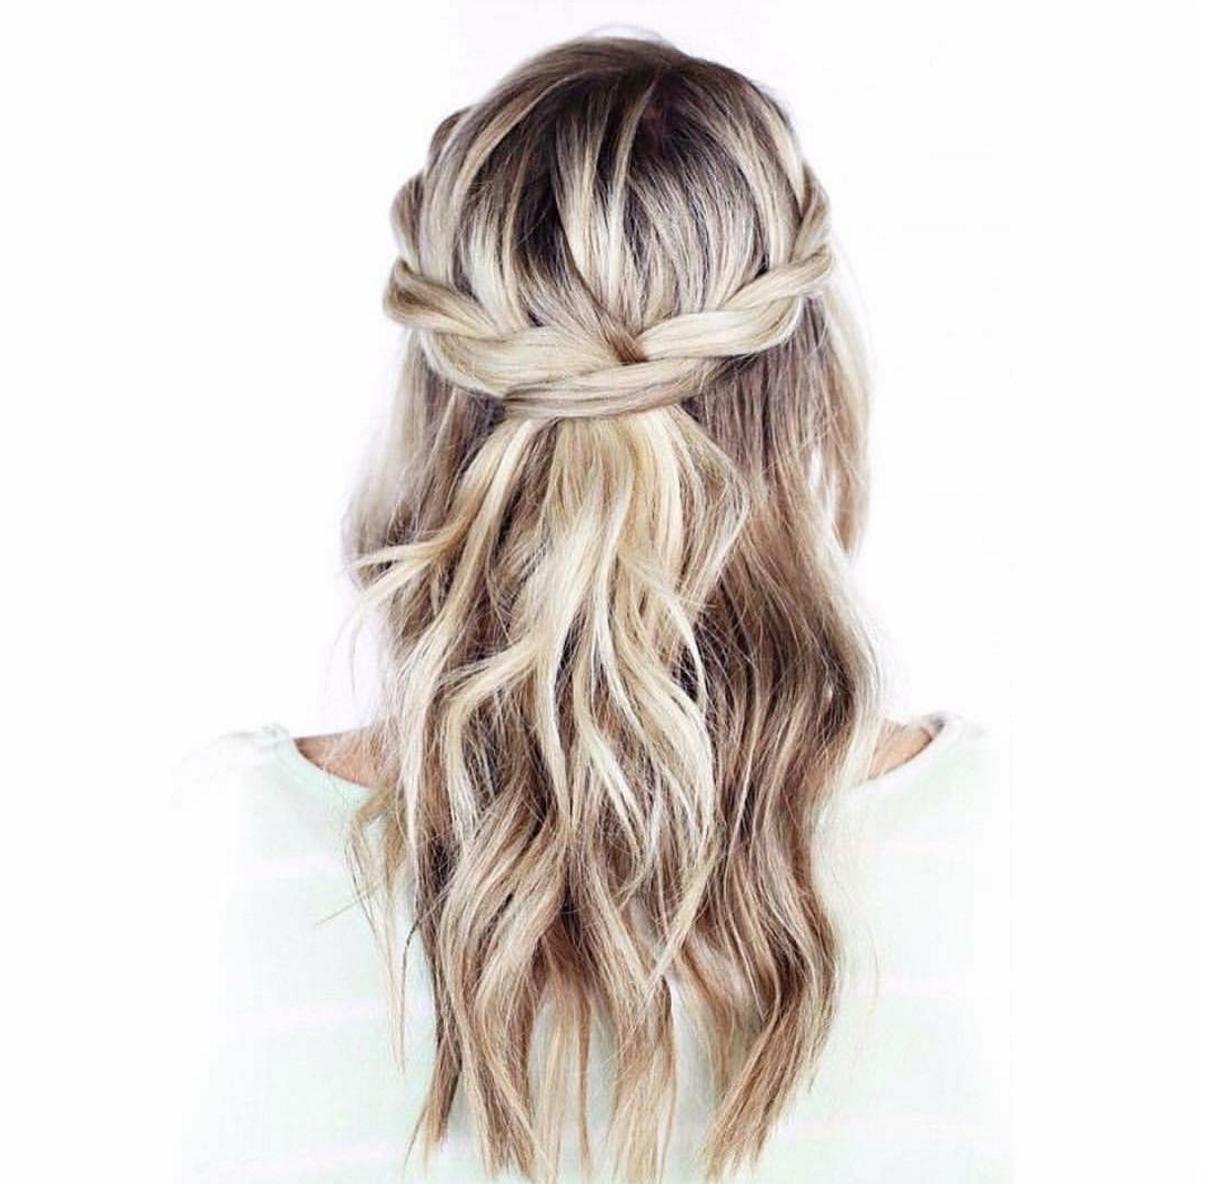 Pin by ♡ on H a i r s t y l e s | Pinterest | Bridal braids, Night ...